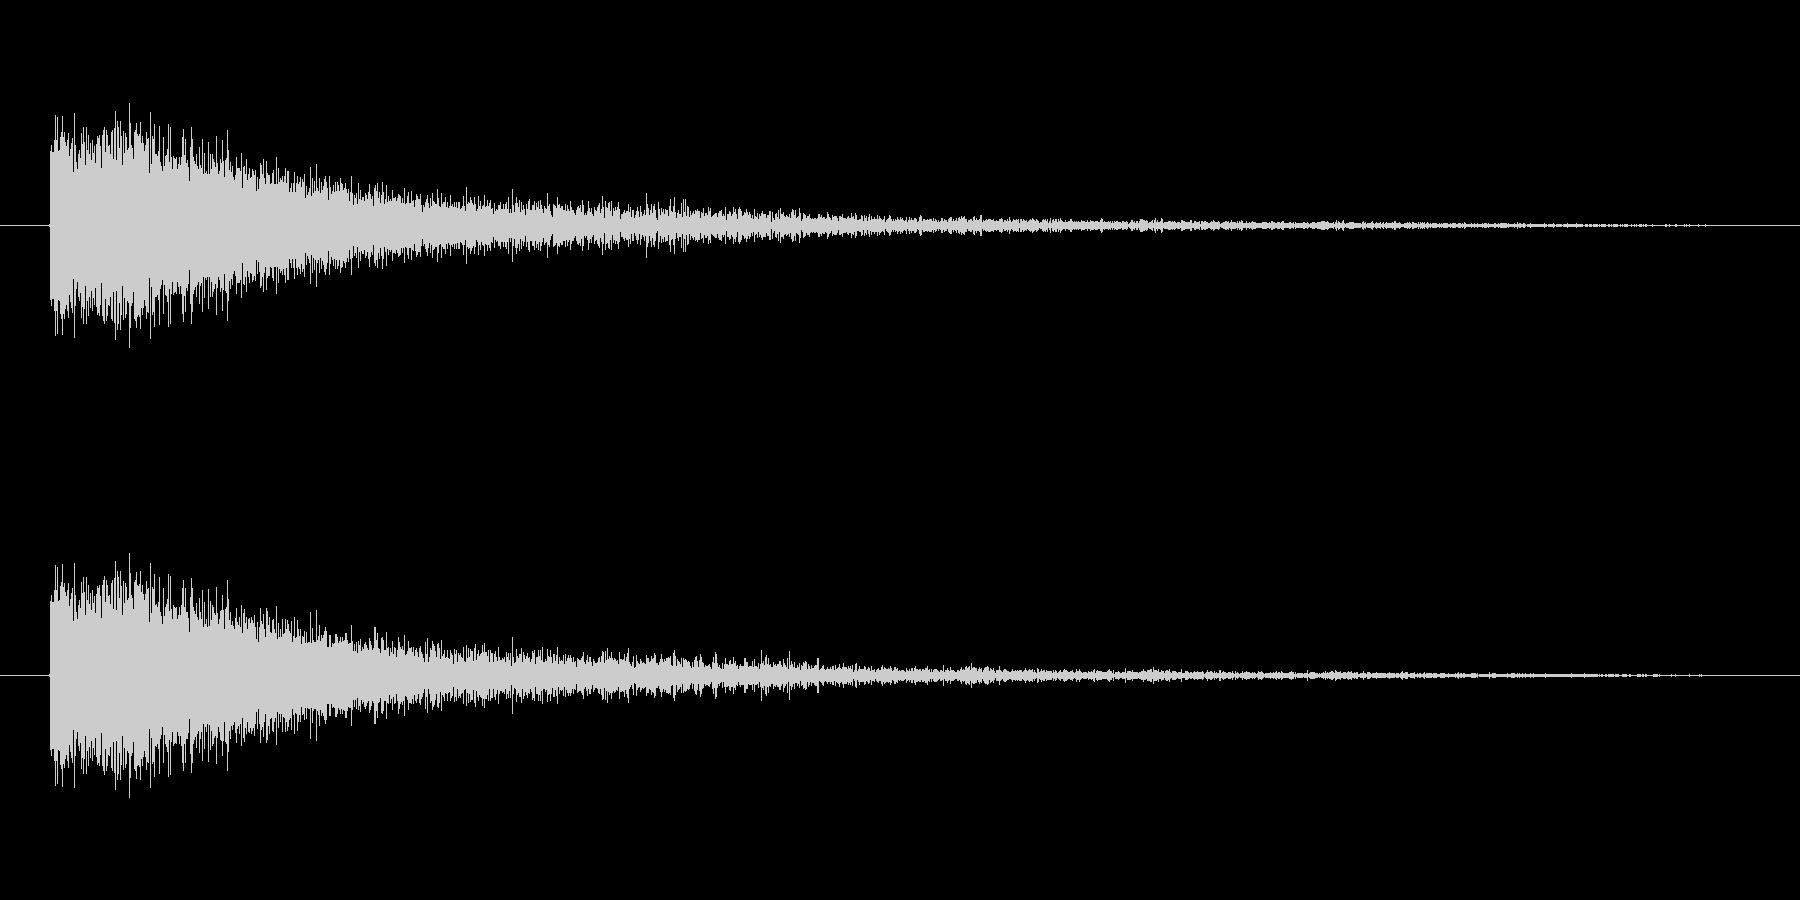 奇妙な風音の未再生の波形